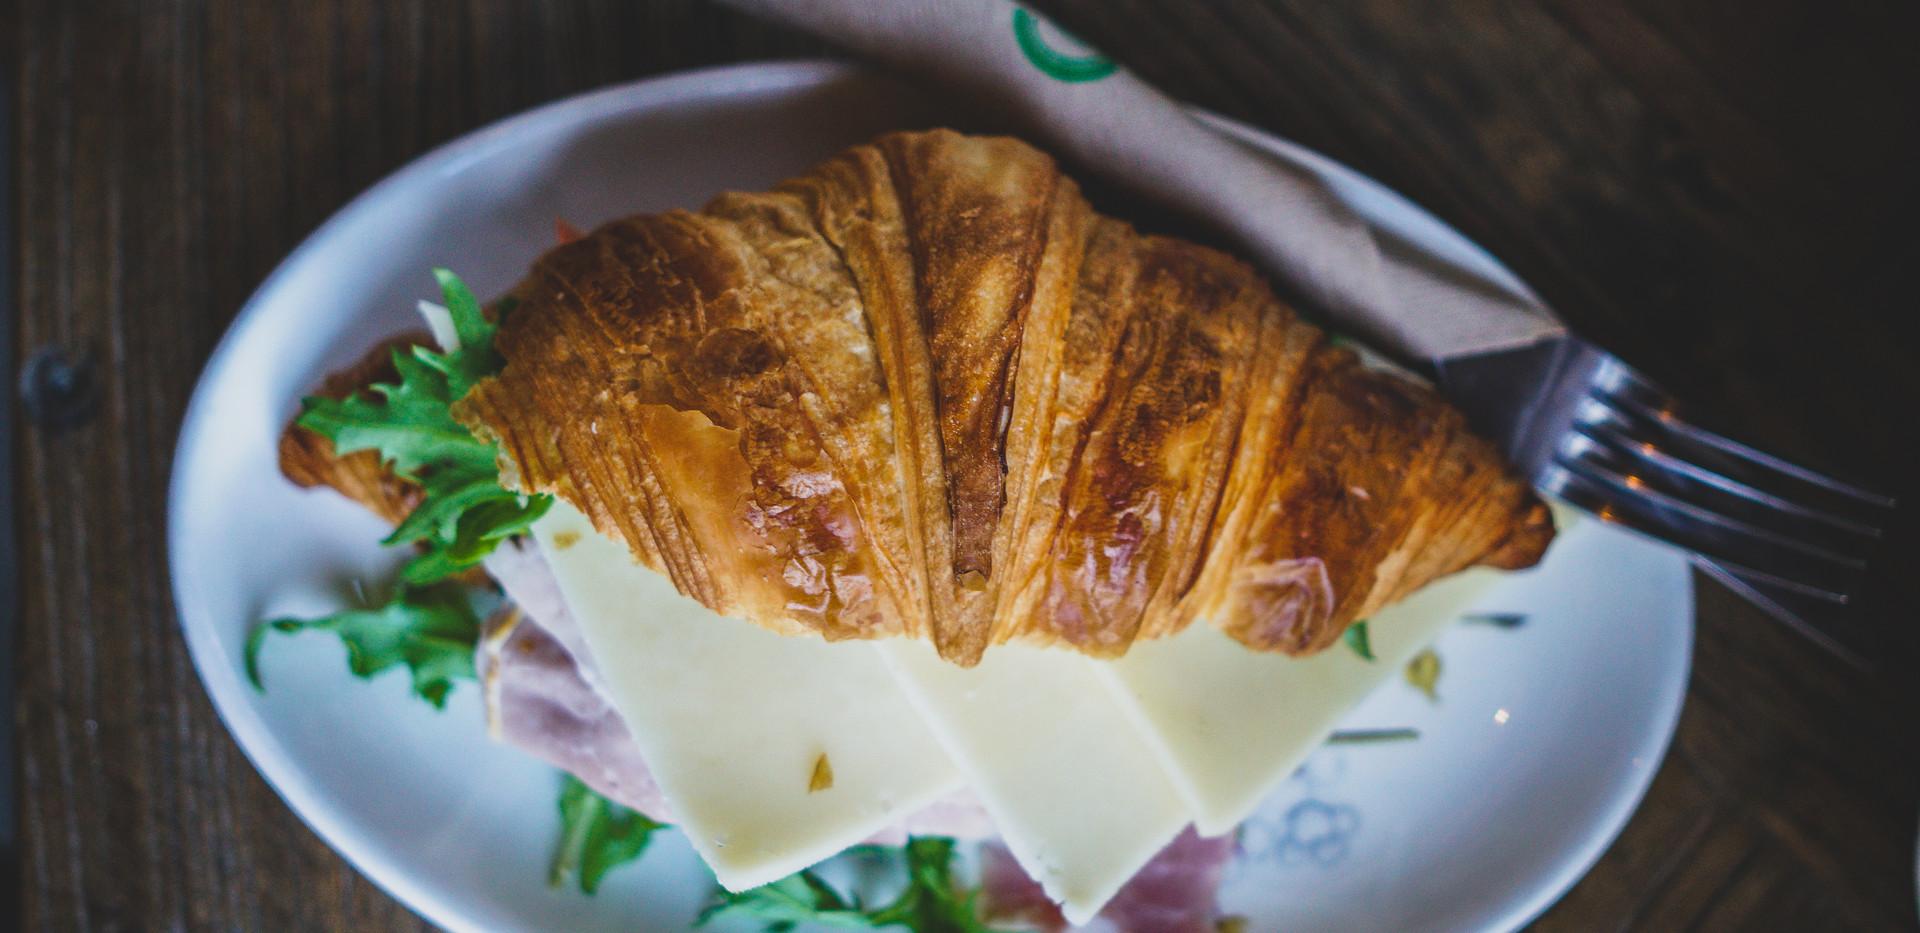 Ham filled croissant